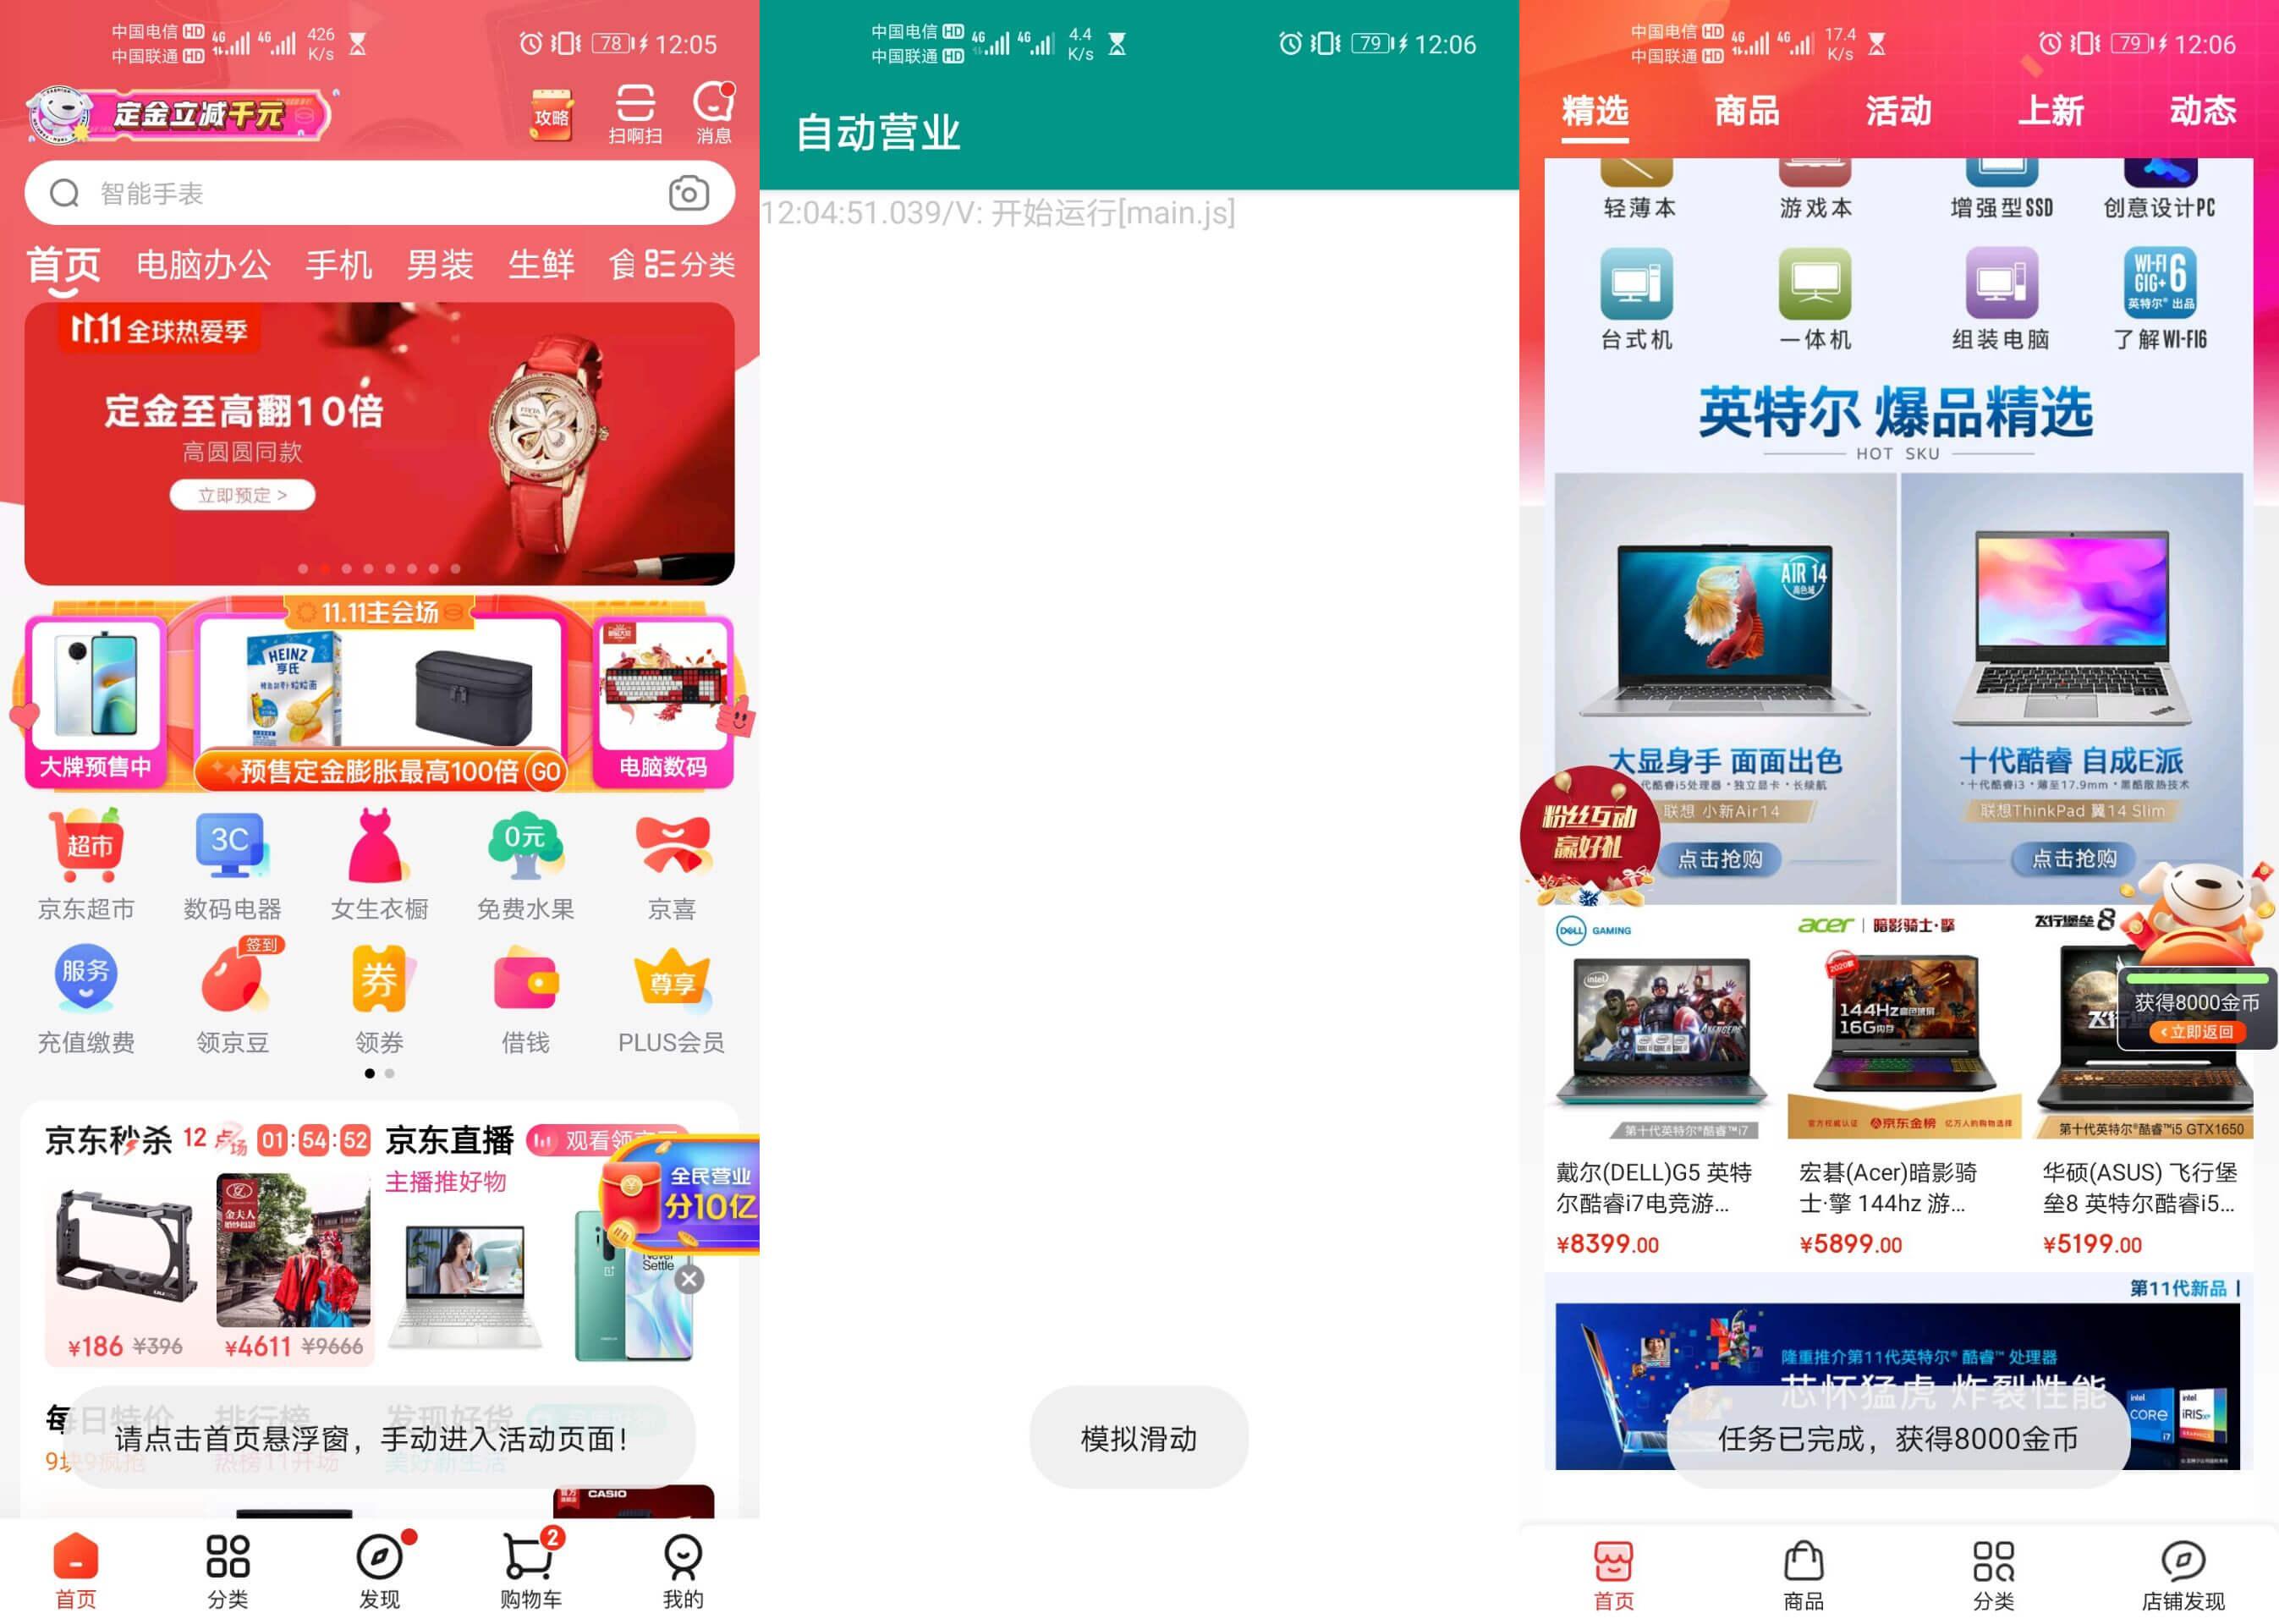 京东自动营业助手 自动浏览店铺获取奖励